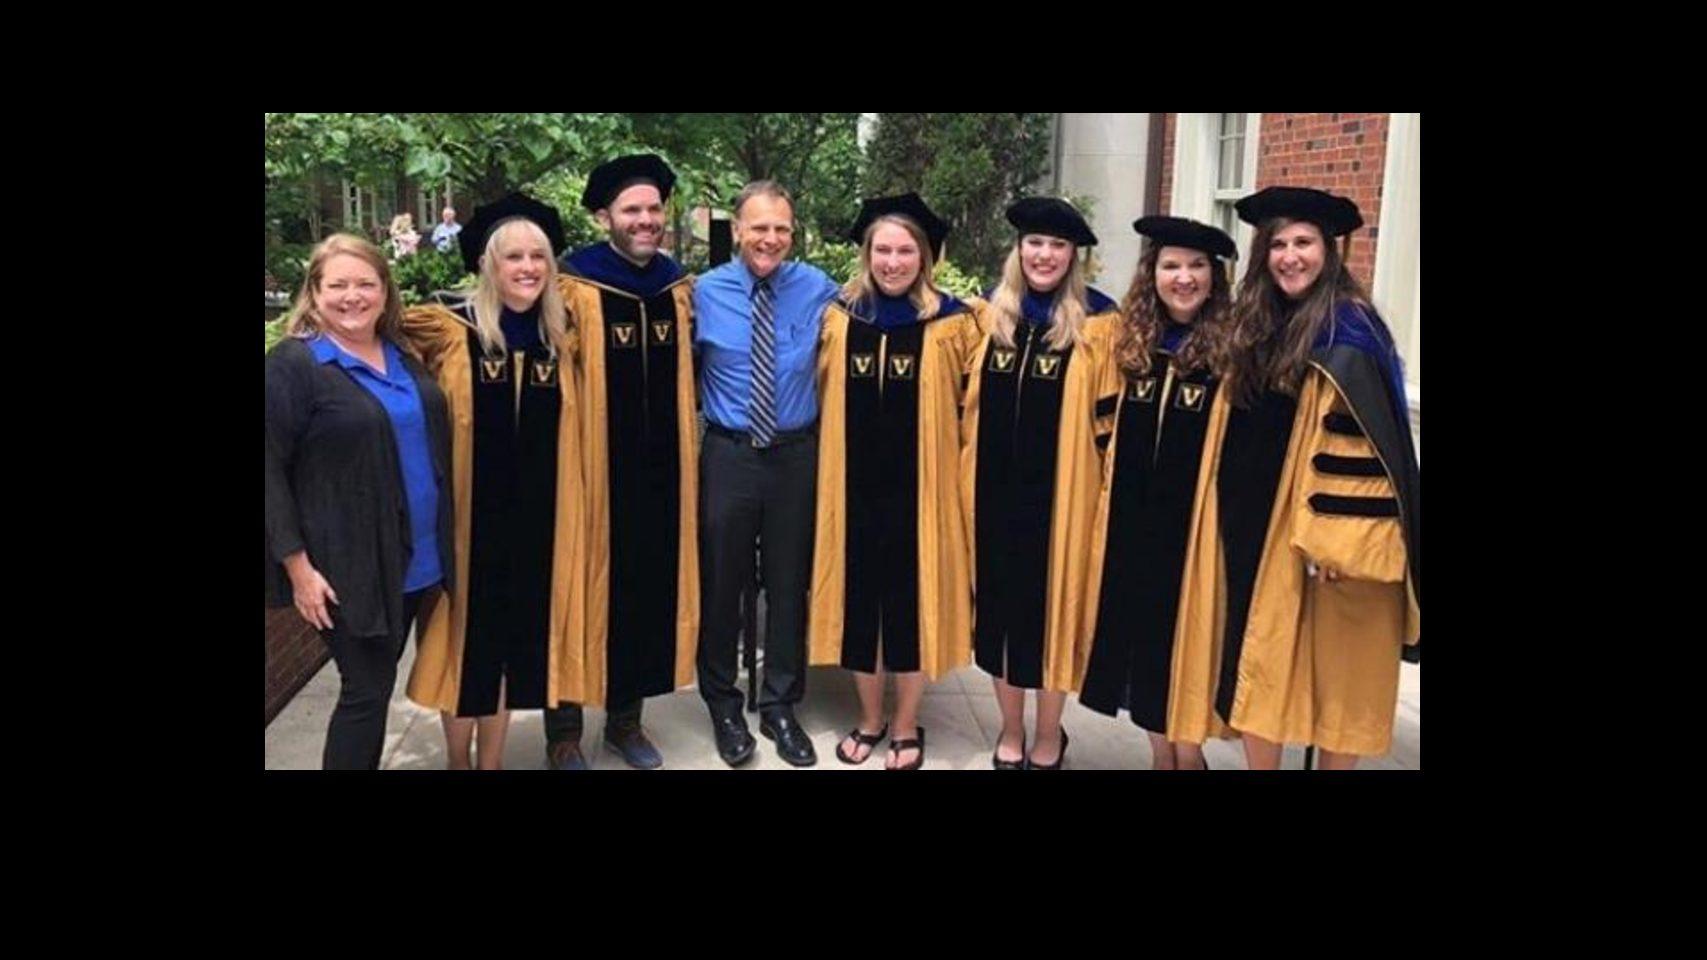 2019 Pharmacology Graduates